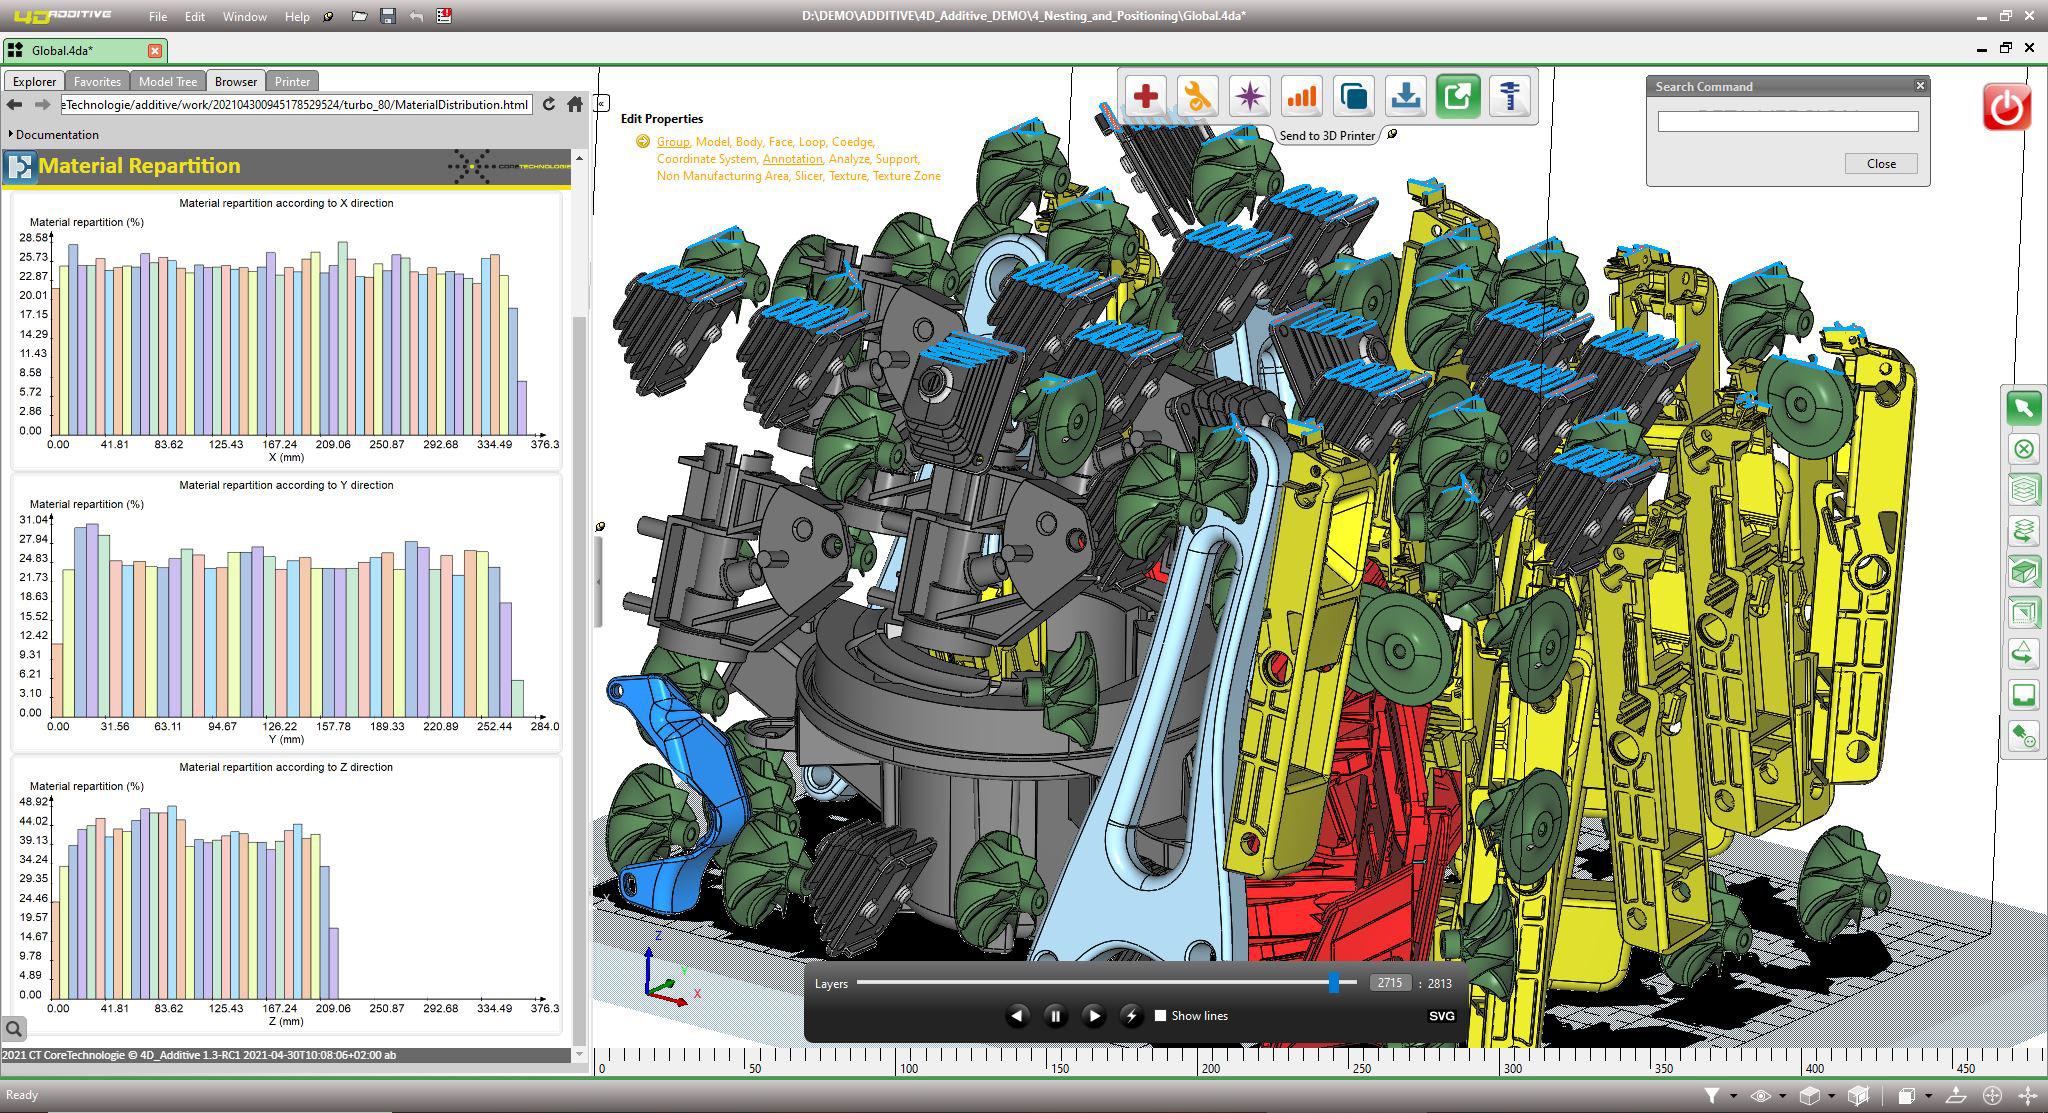 Les nouveautés de la version 1.3 de 4D_Additive, le logiciel universel pour l'impression 3D